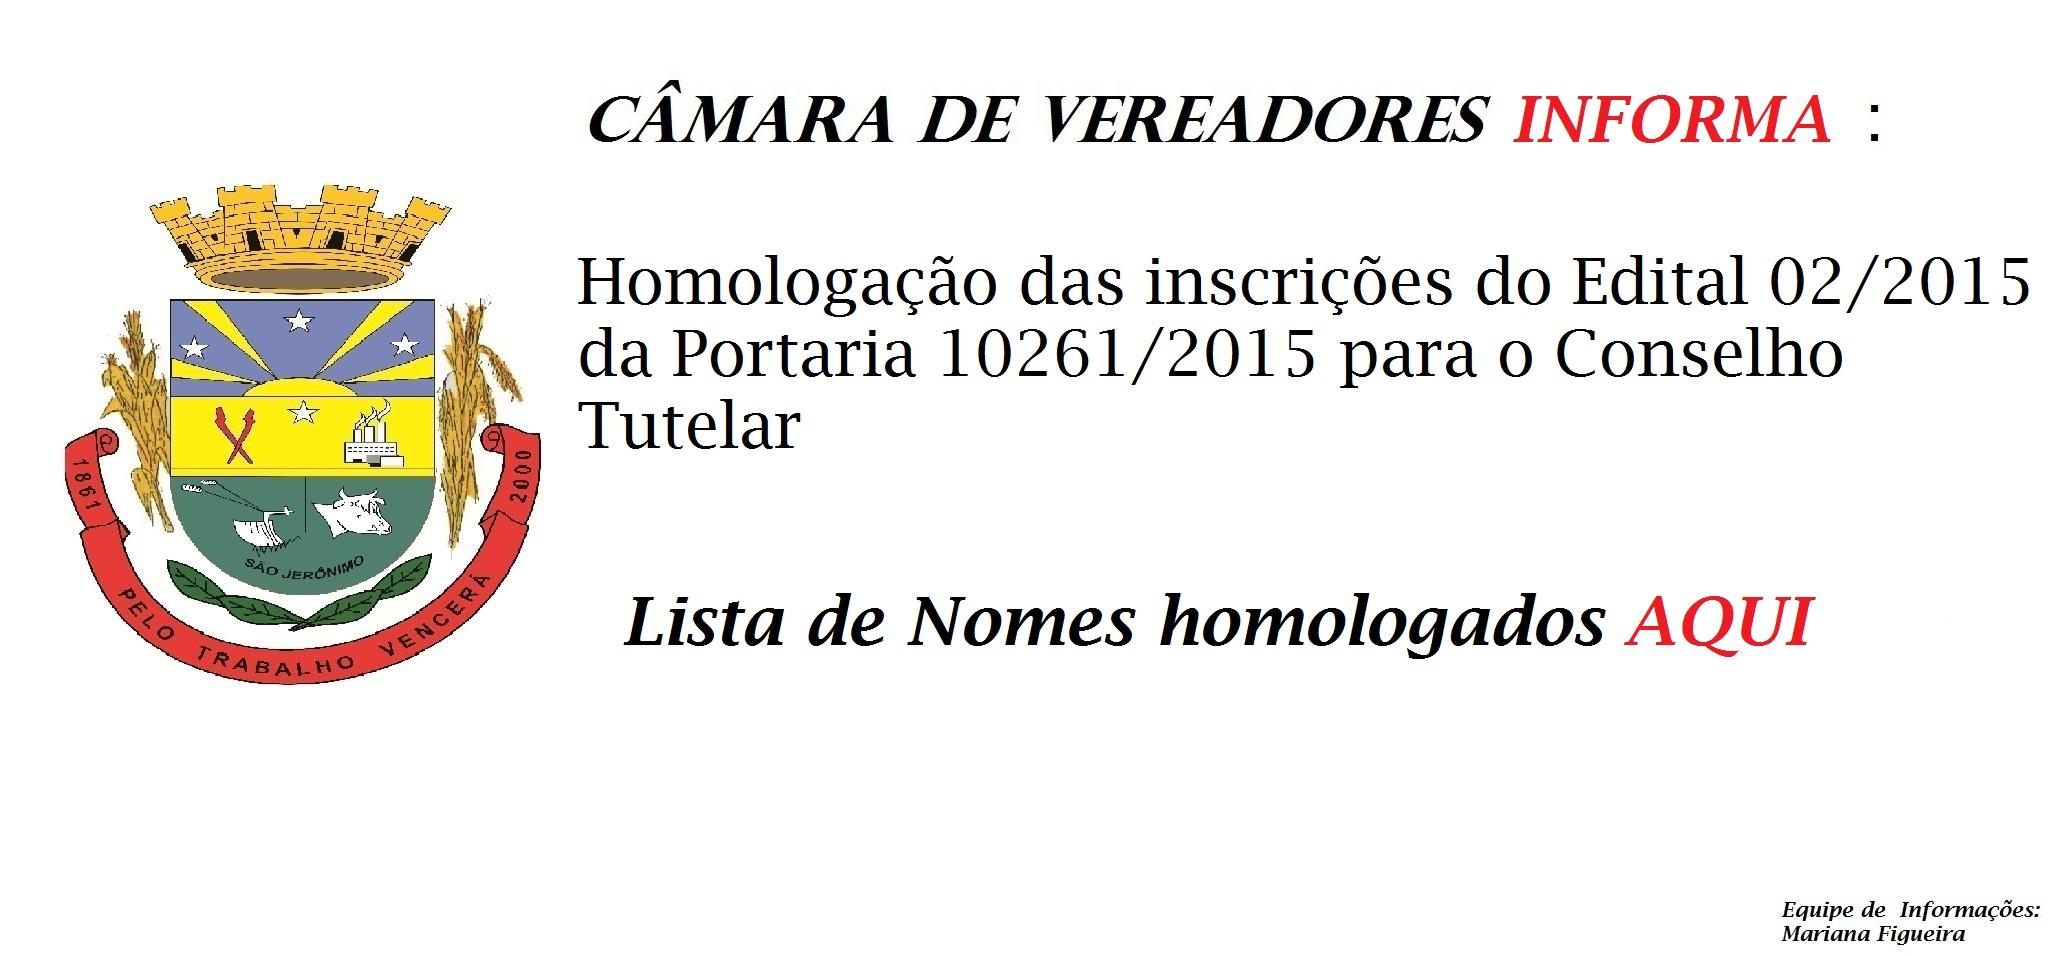 Homologação do Edital 02/2015